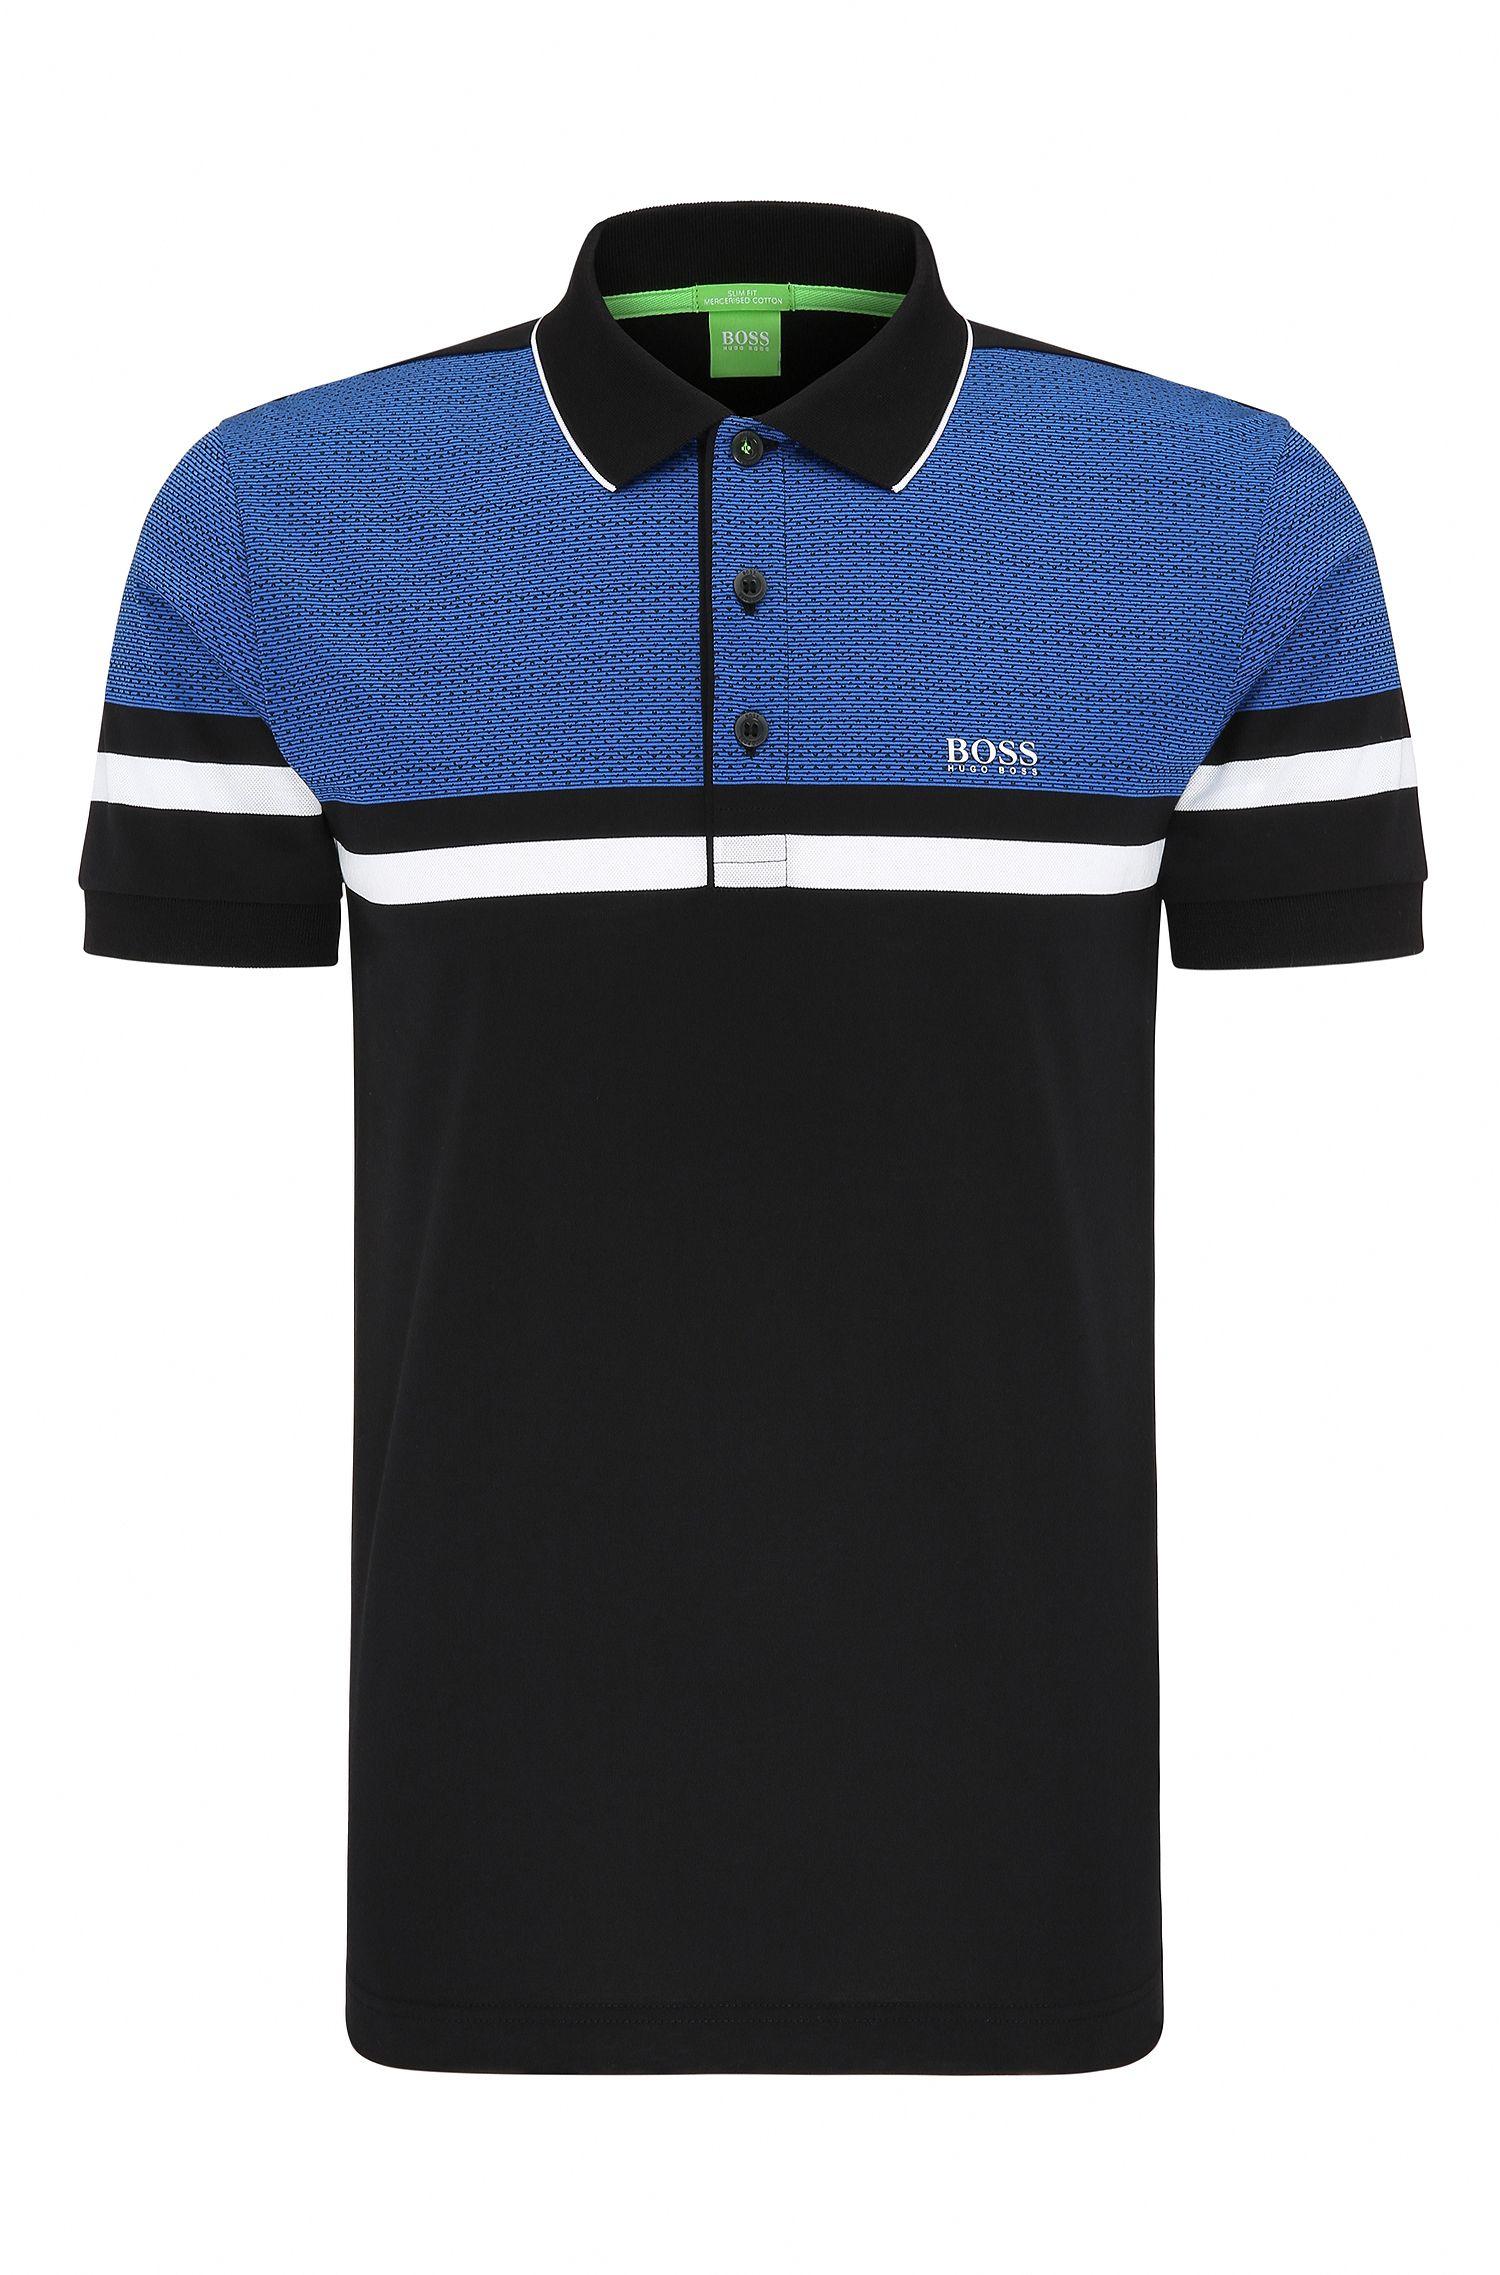 Geo Print Pique Cotton Polo Shirt, Slim Fit | Paule